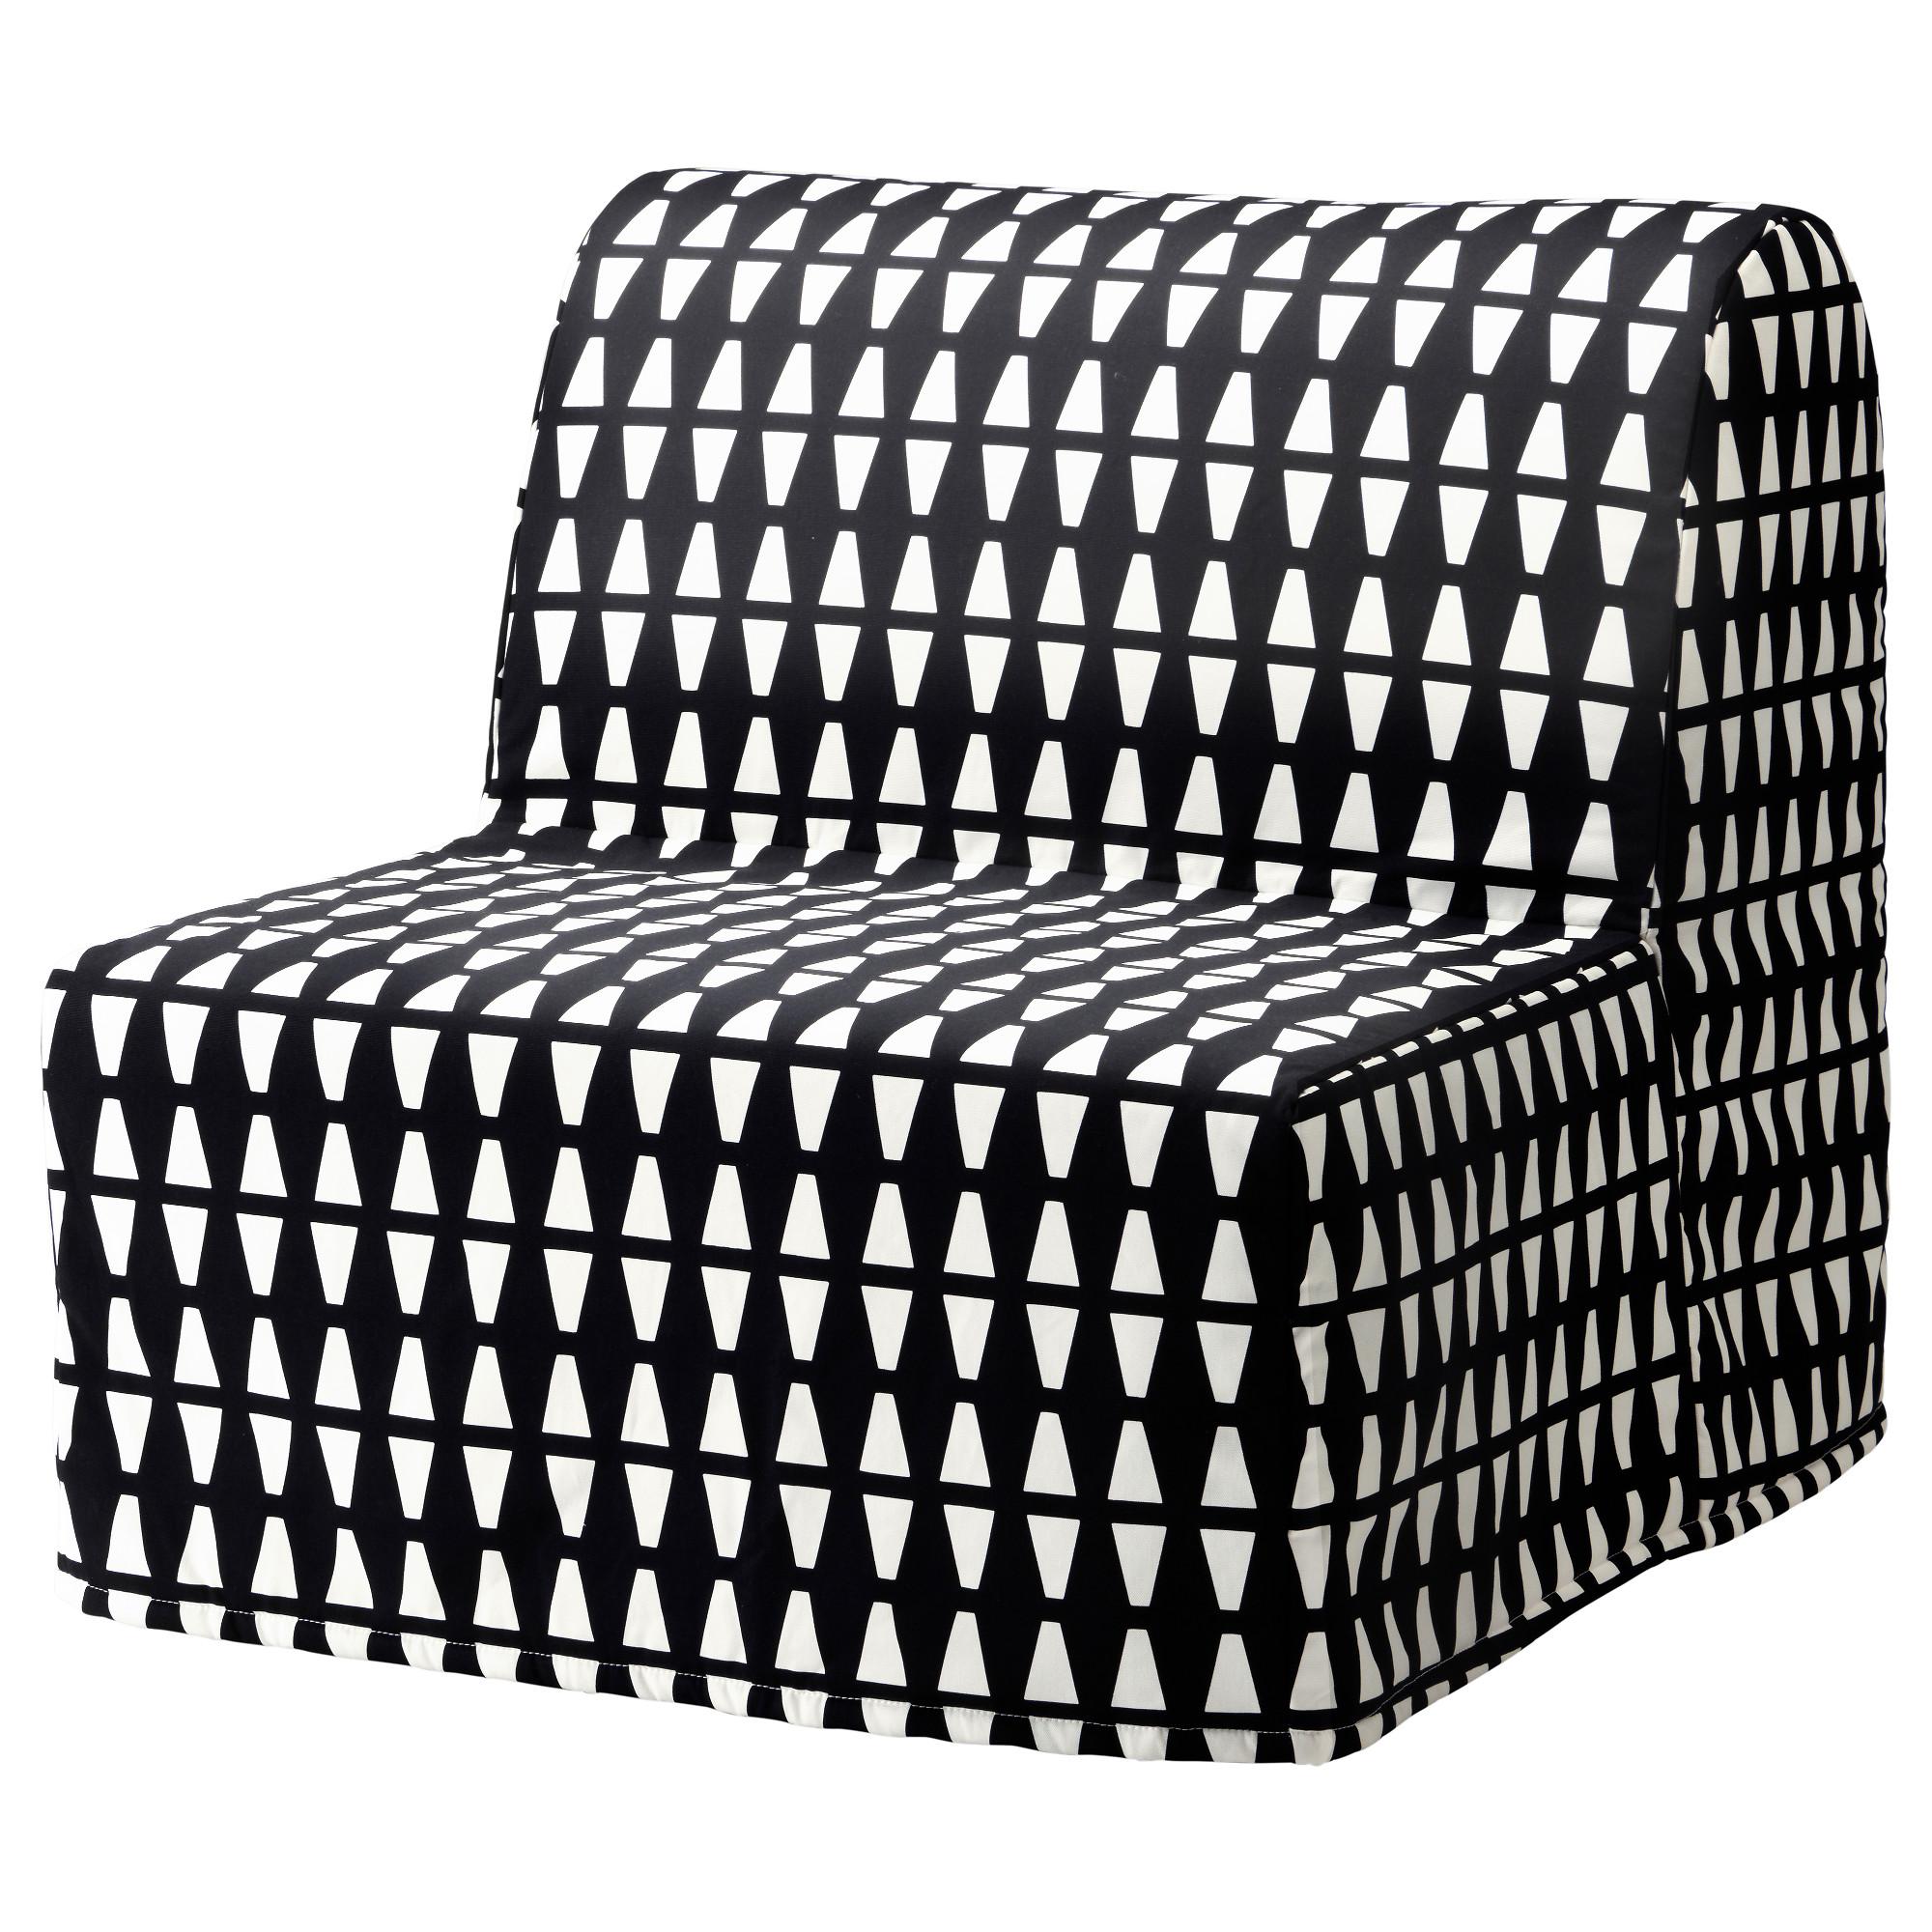 Кресло-кровать ЛИКСЕЛЕ ЛЁВОС черный/белый артикуль № 492.407.39 в наличии. Онлайн магазин IKEA Республика Беларусь. Недорогая доставка и установка.